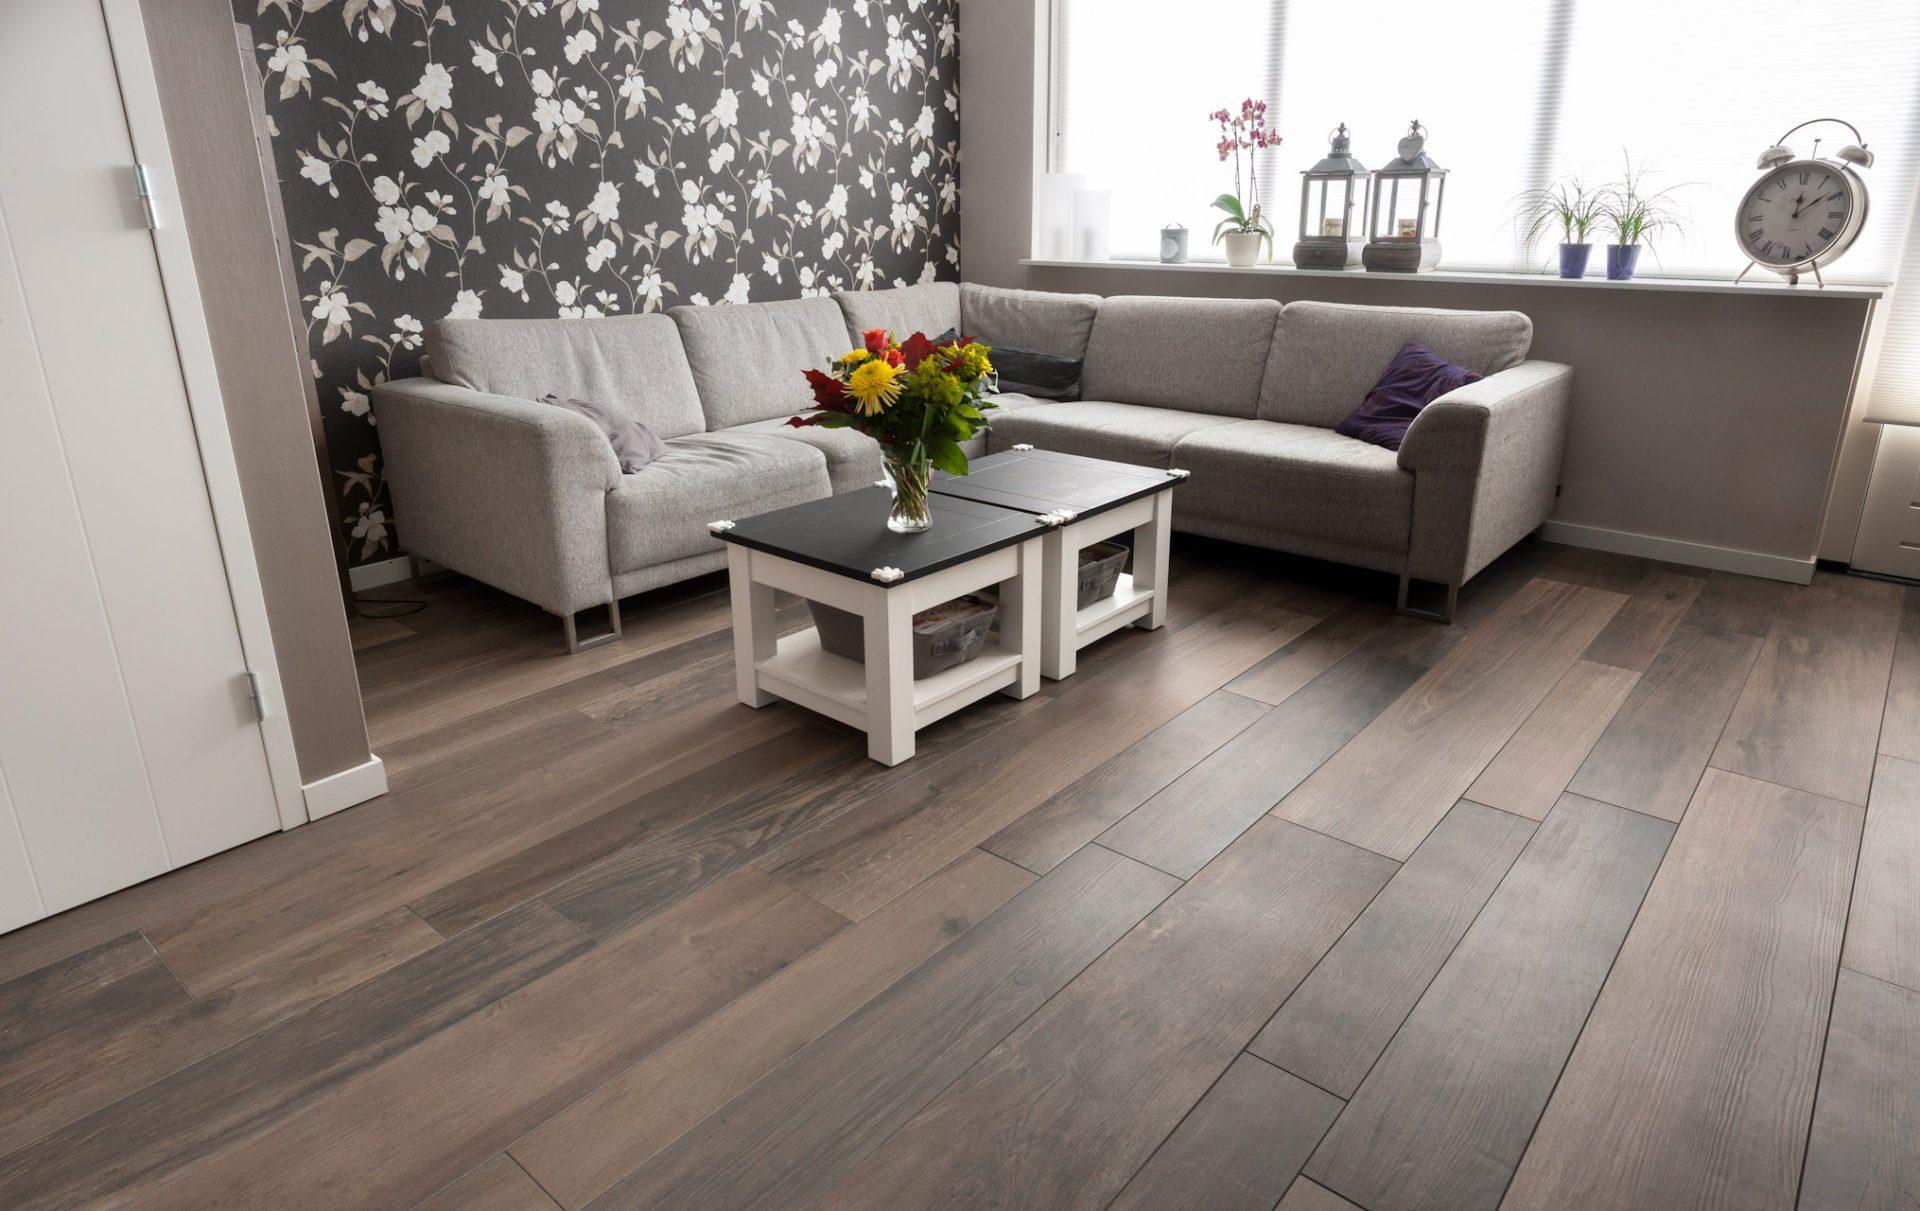 Vloertegels Keuken Kopen : Vloertegels kopen – KROON Vloeren in Steen